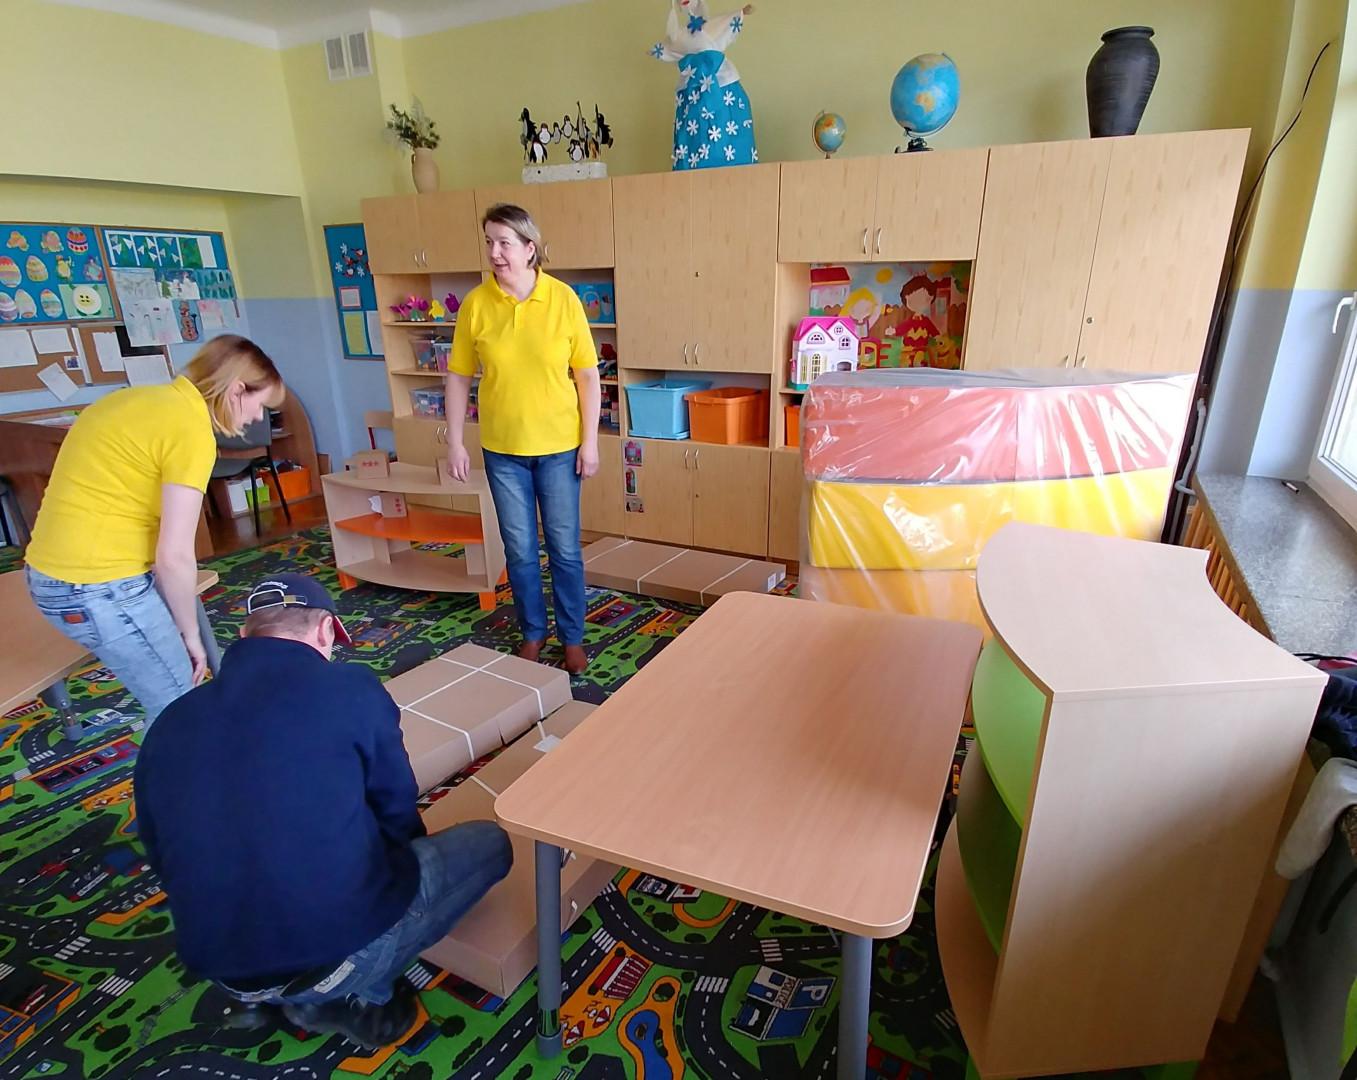 Modernizacja świetlicy szkolnej w Białymstoku, w ramach wolontariatu pracowniczego. Fot. Forte